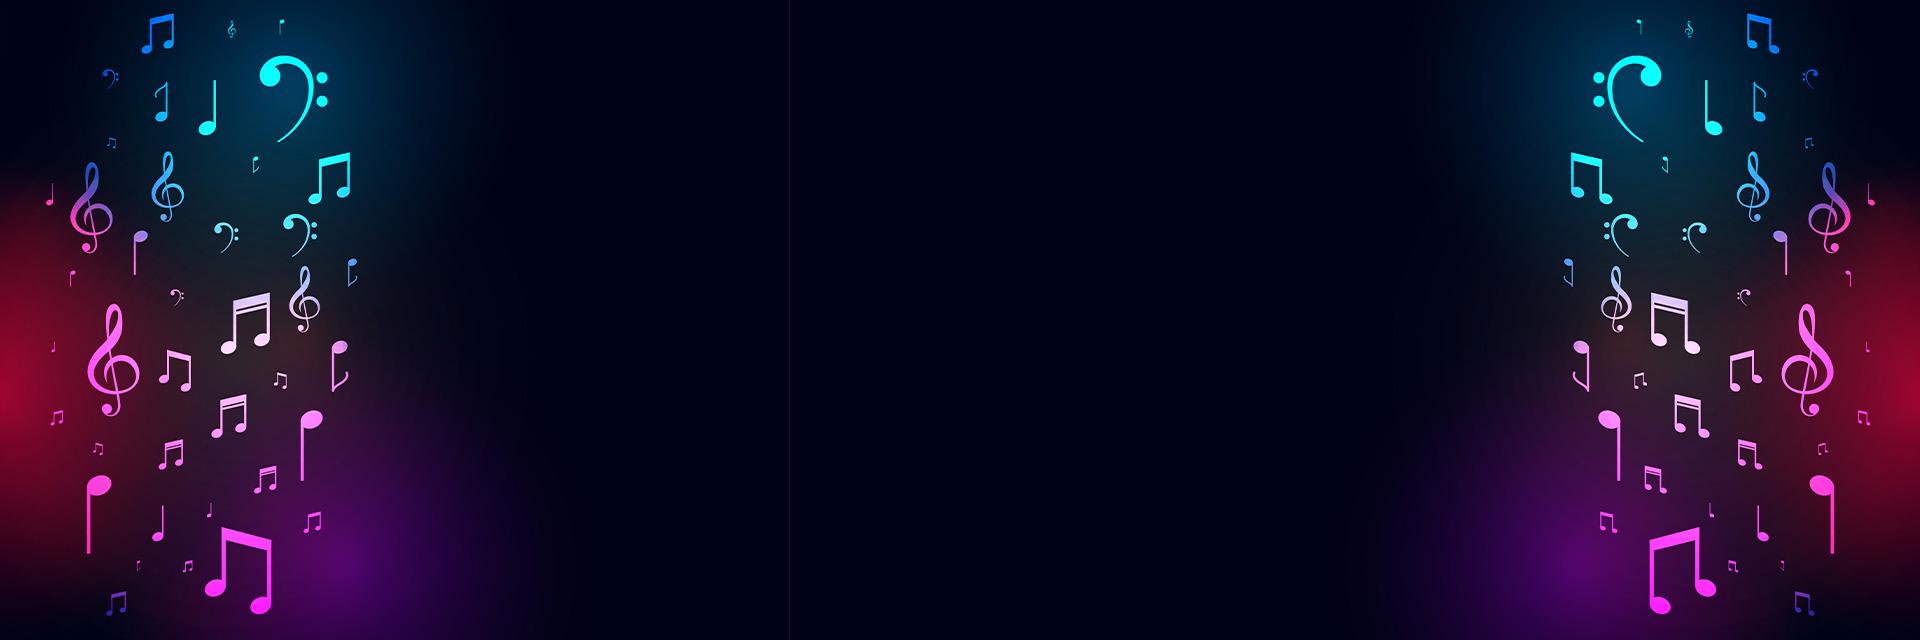 Компания sony создала bluetooth колонку в виде керосиновой лампы